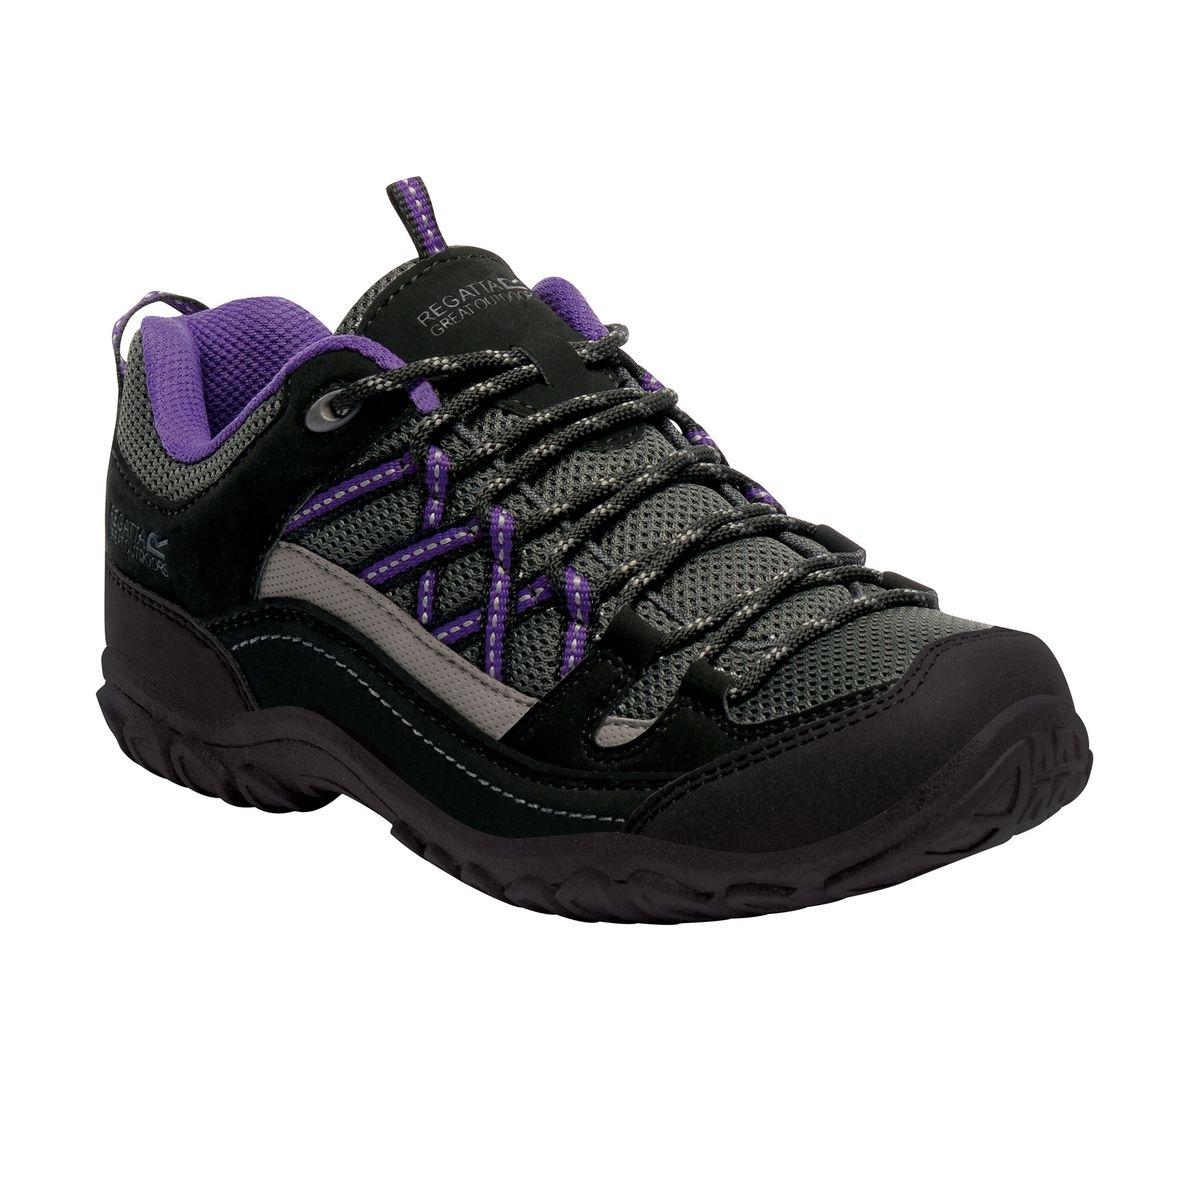 Chaussures de marche EDGEPOINT